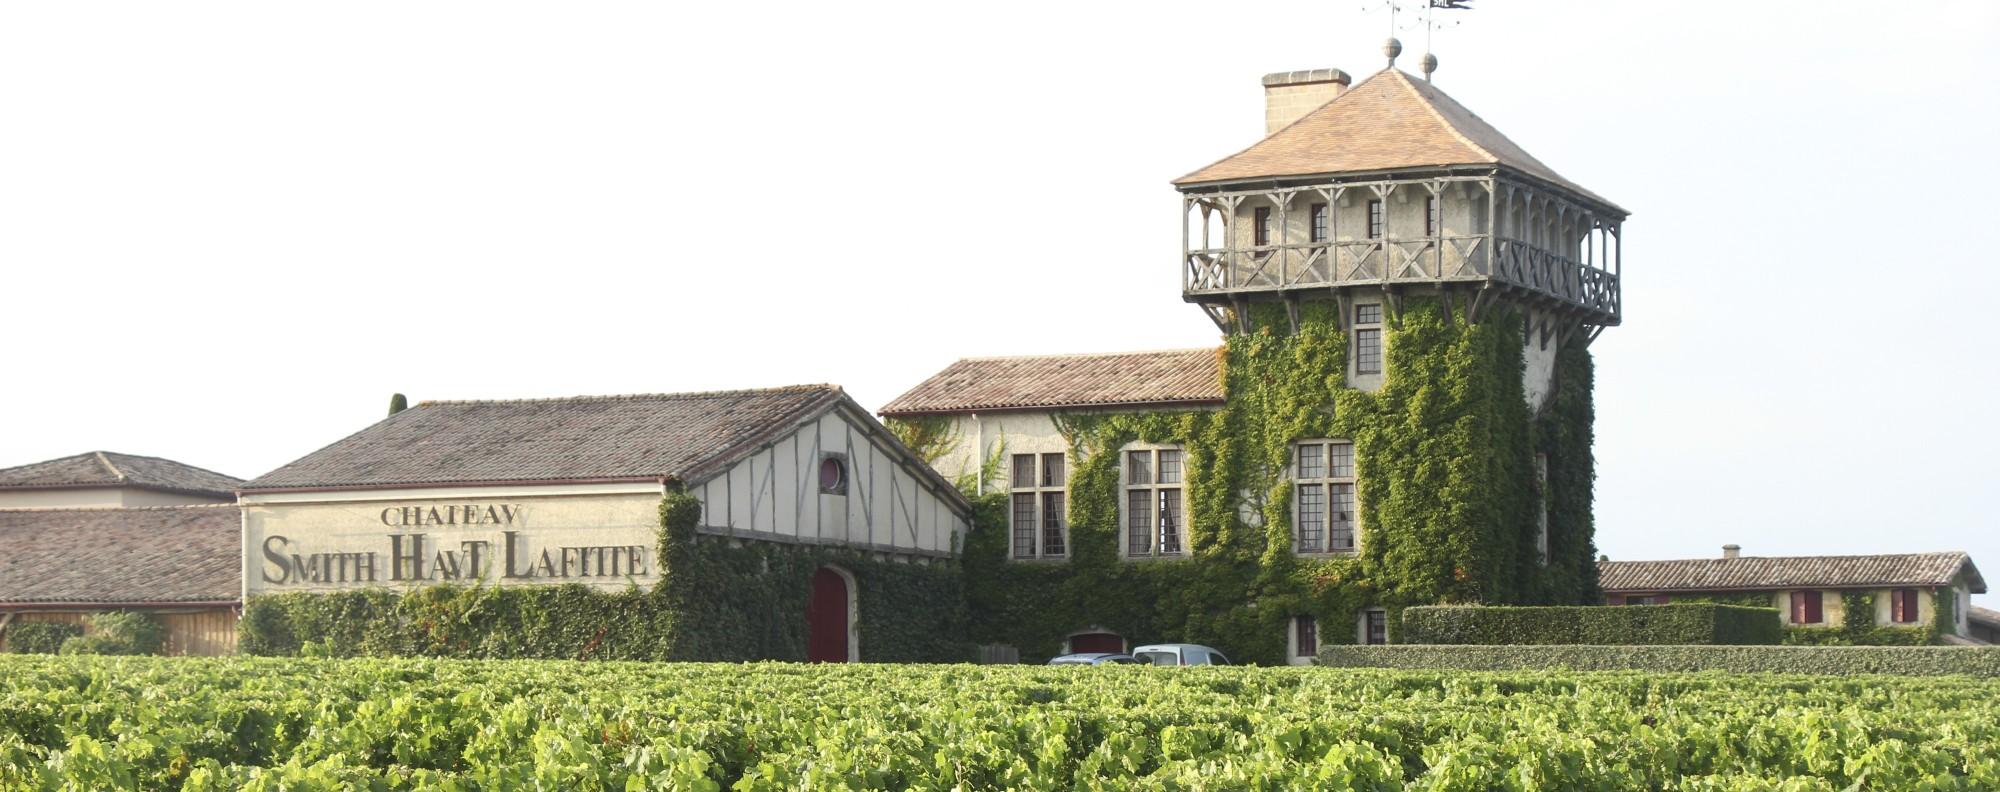 Château Smith Haut Lafitte, in Bordeaux, France.